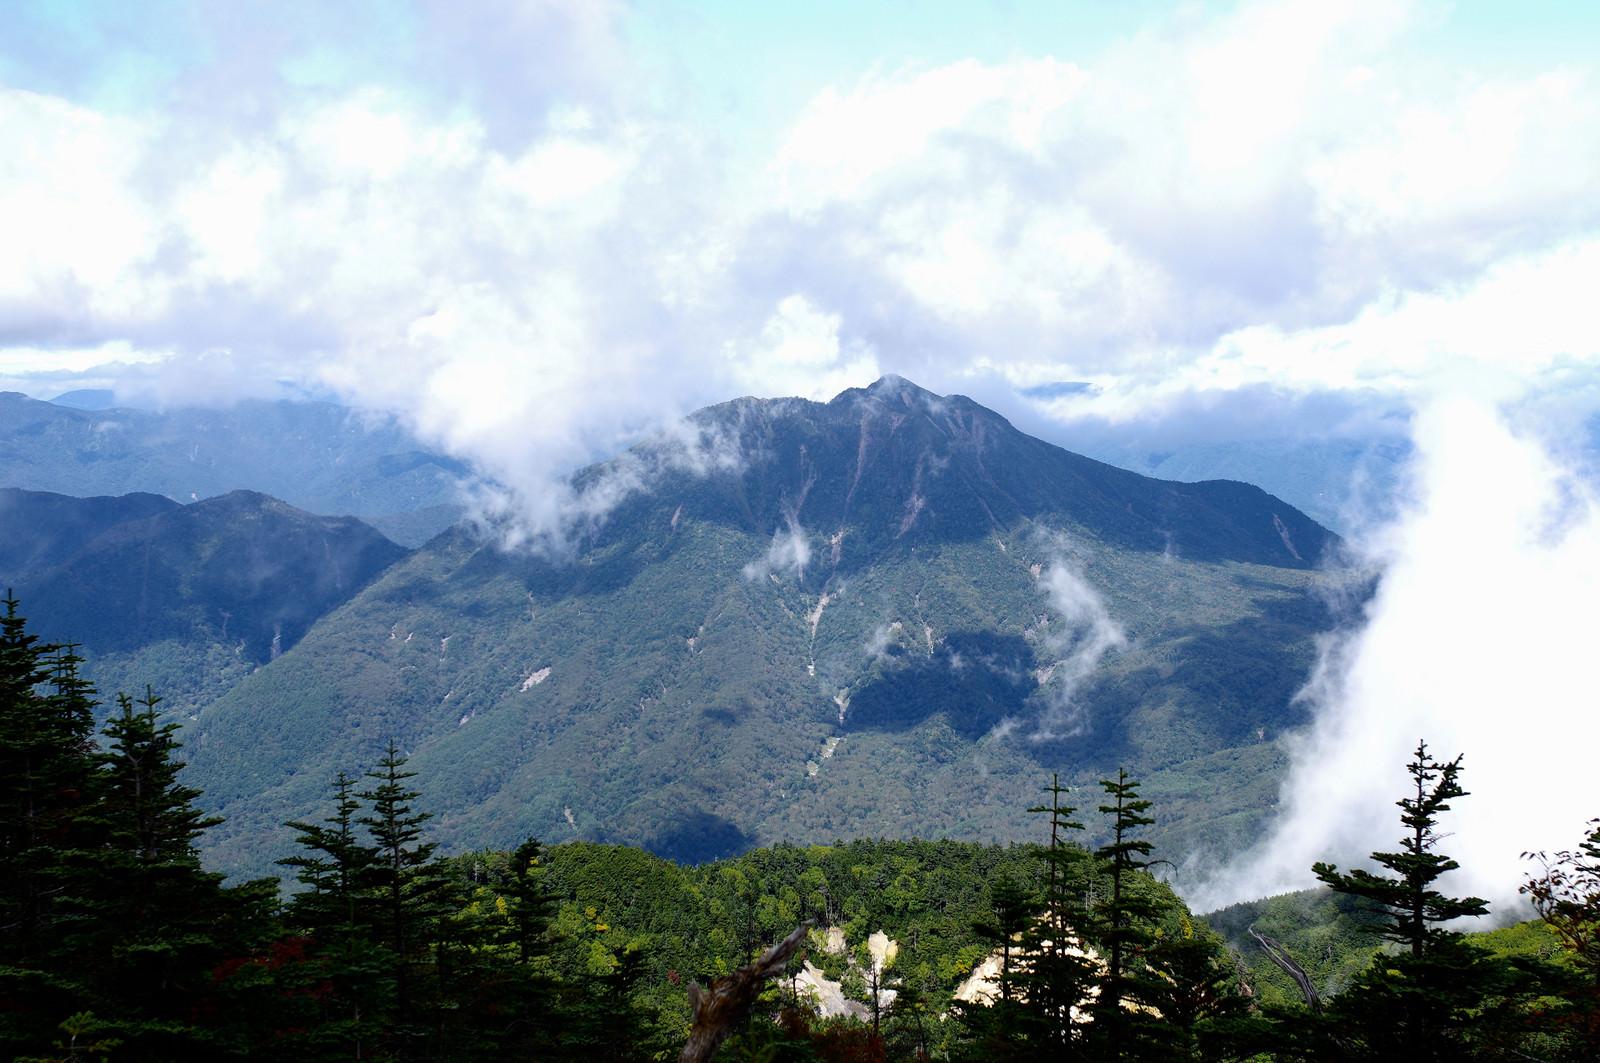 「男体山山頂から見る太郎山(たろうさん)」の写真